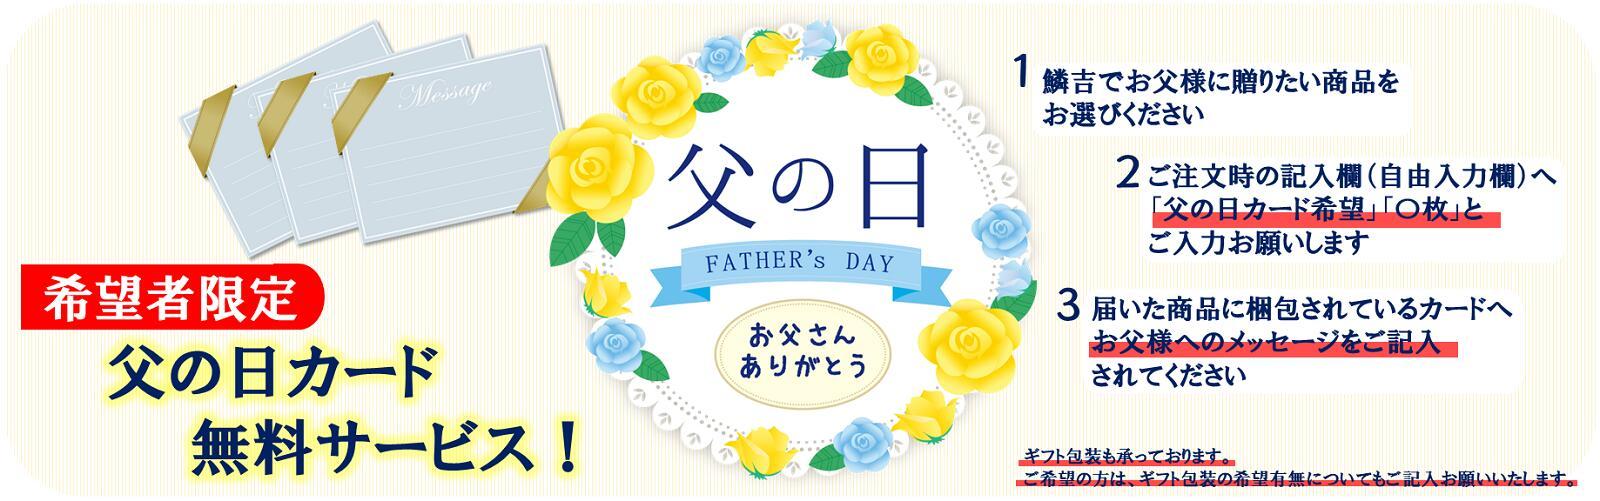 小田原 かまぼこ うろこき 父の日